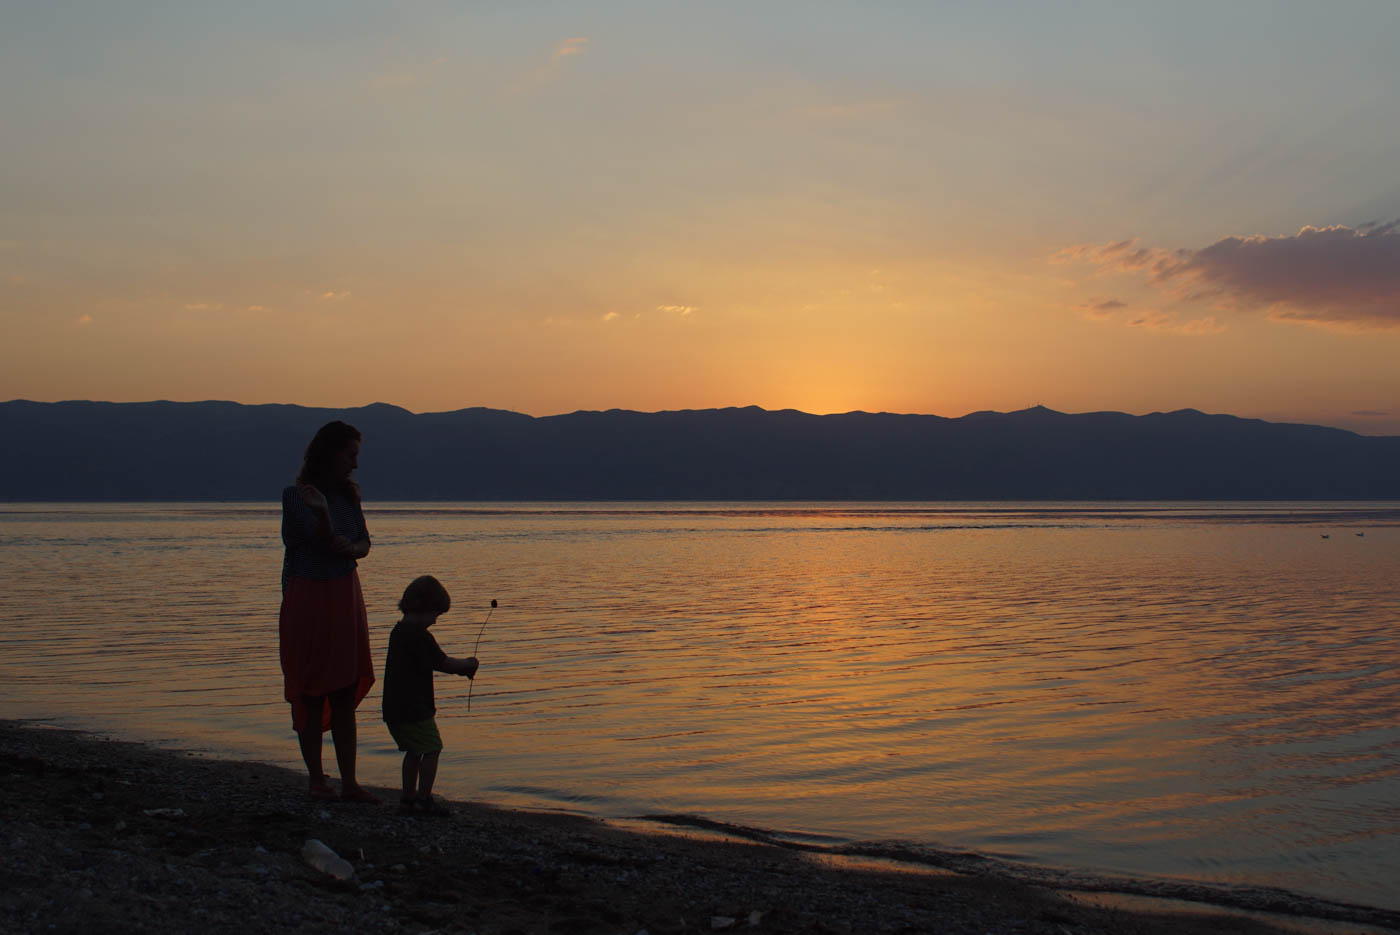 Sonnenuntergang am Ohridsee. Die Sonne ist bereits hinter den Bergen verschwunden, färbt aber noch Wolken und Wasser orange rot. Im Vordergrund steht Lea mit Luk und dieser hält eine Blume in der Hand und steht mit einem Fuß im Wasser.